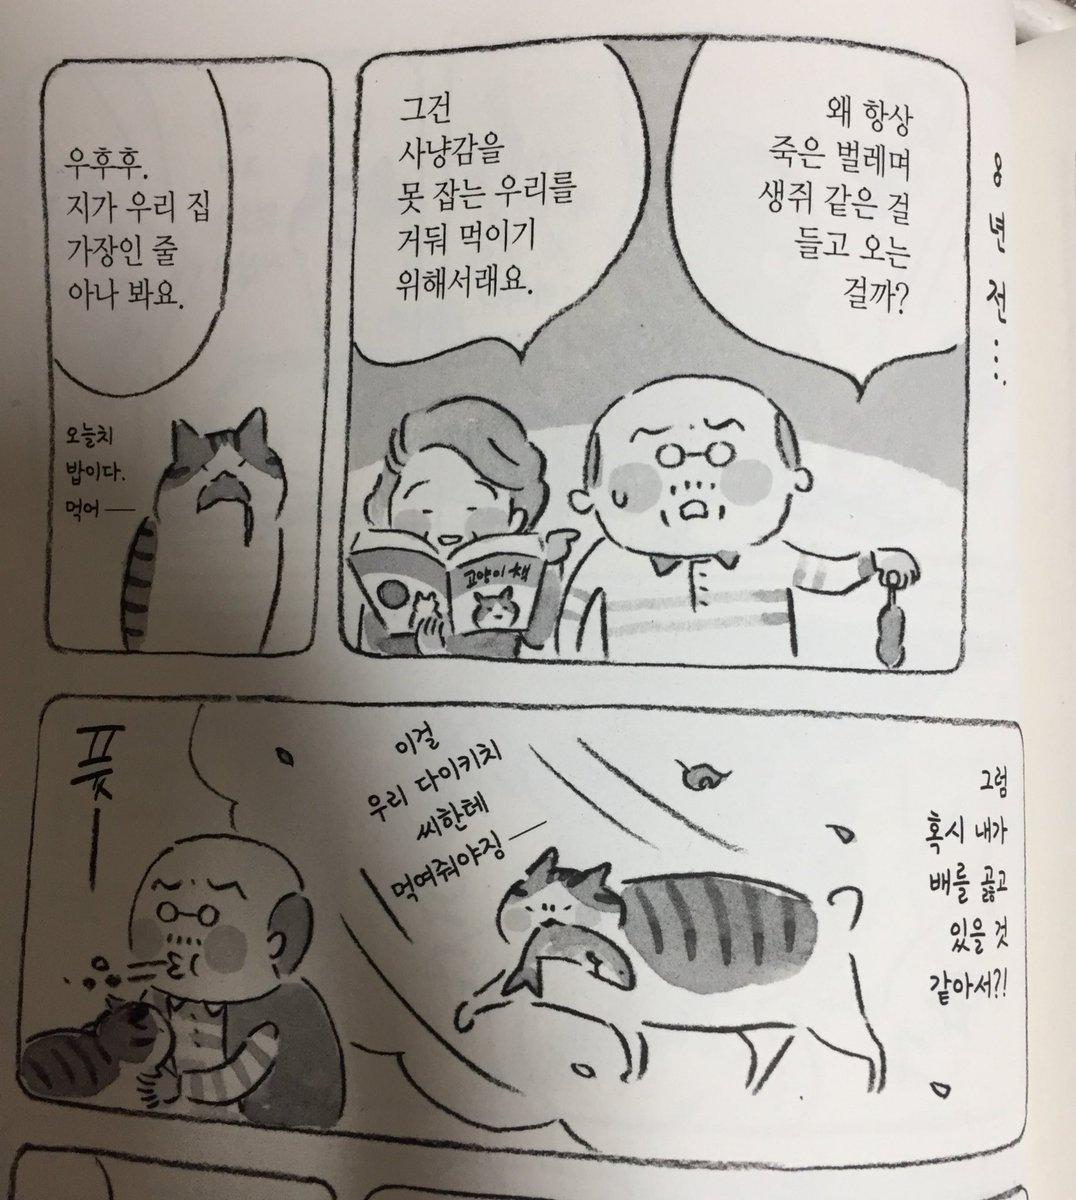 하 시발 고양이와 할아버지 2권도 개꿀잼 ㅠㅠ https://t.co/tWxDQ0Rw0z